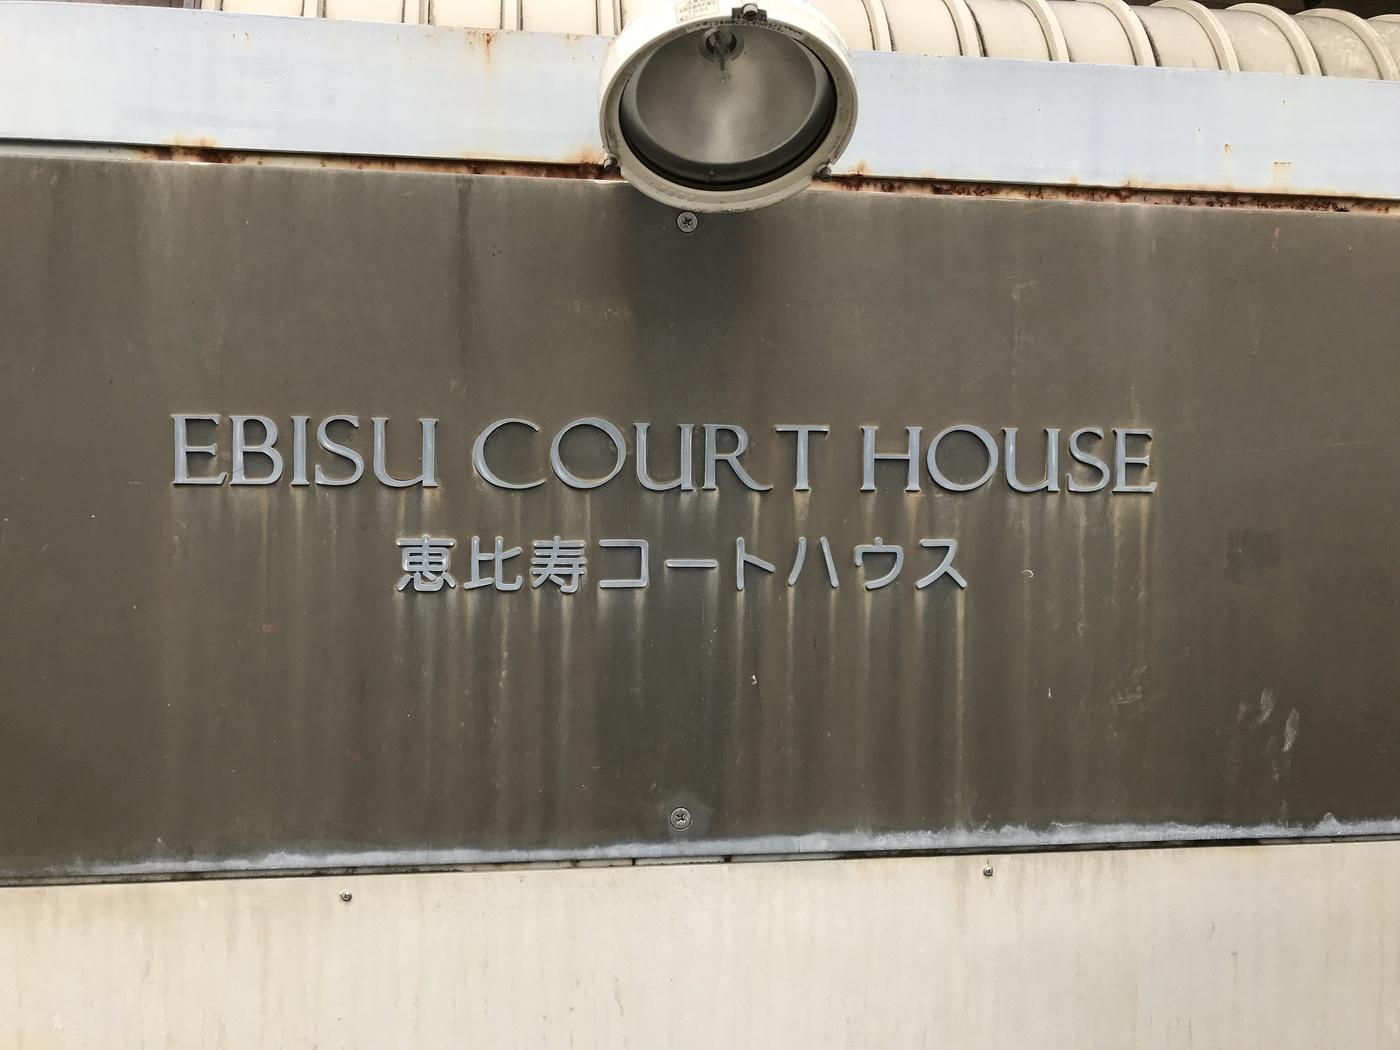 恵比寿コートハウス